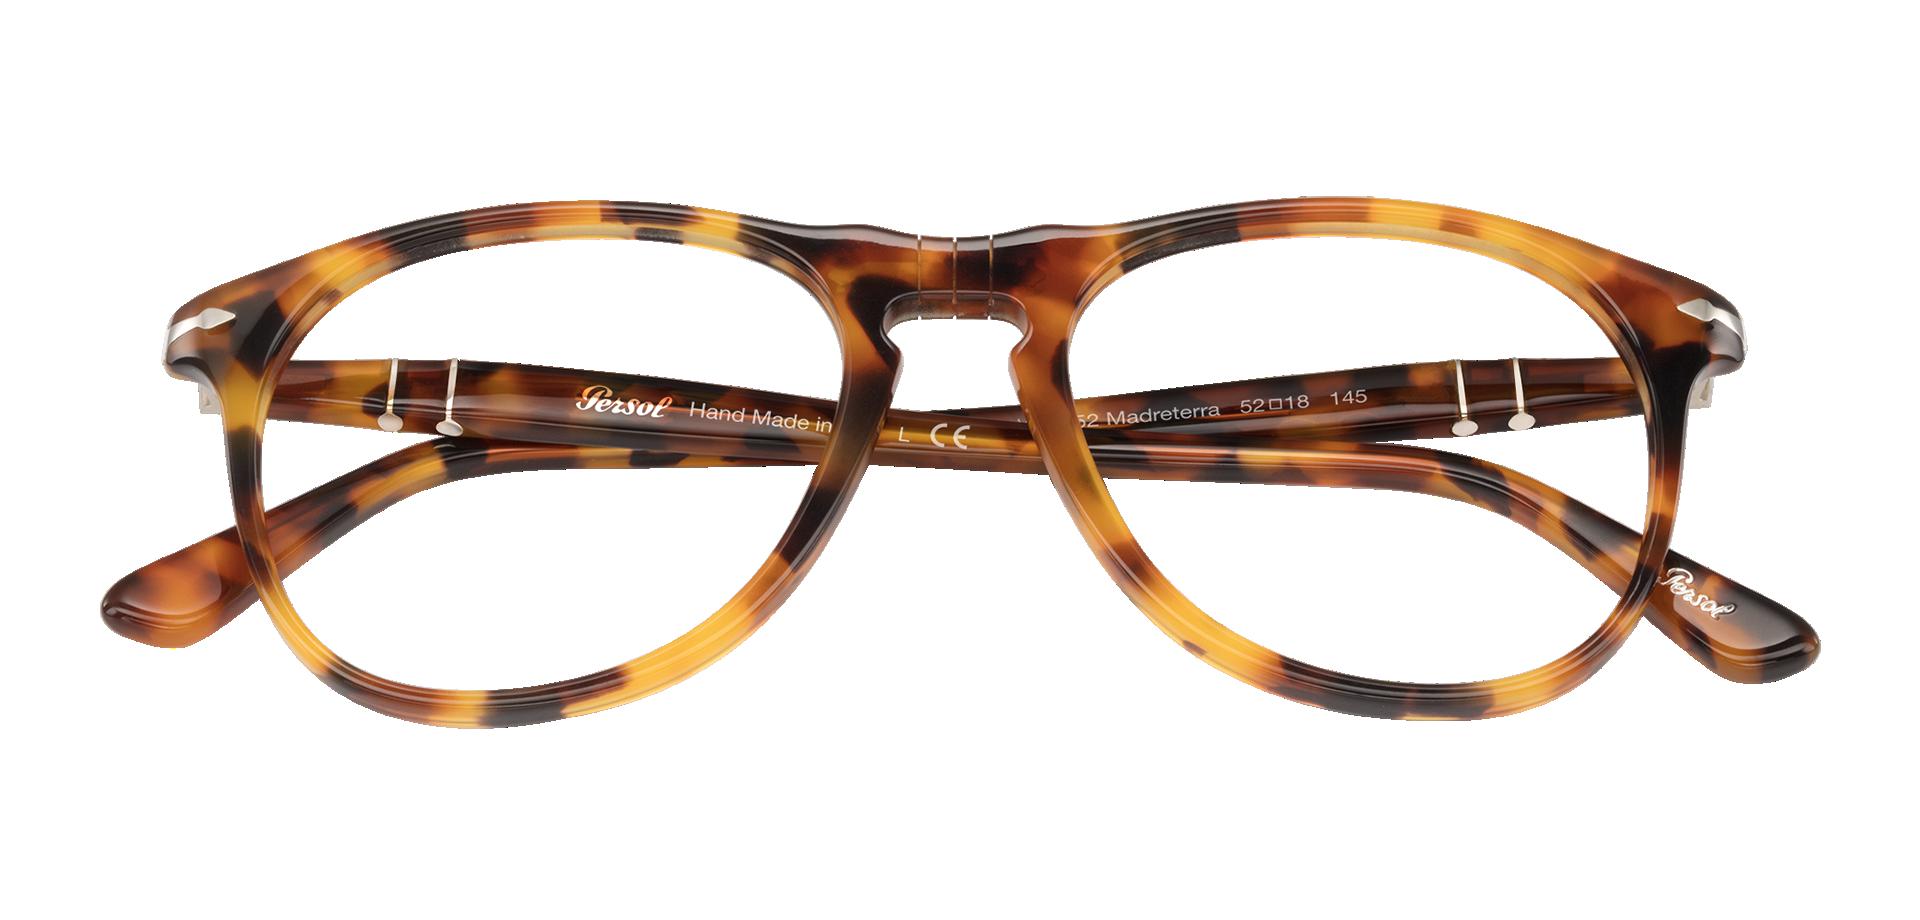 47a4e607e6 Optique et lunettes de vue Persol